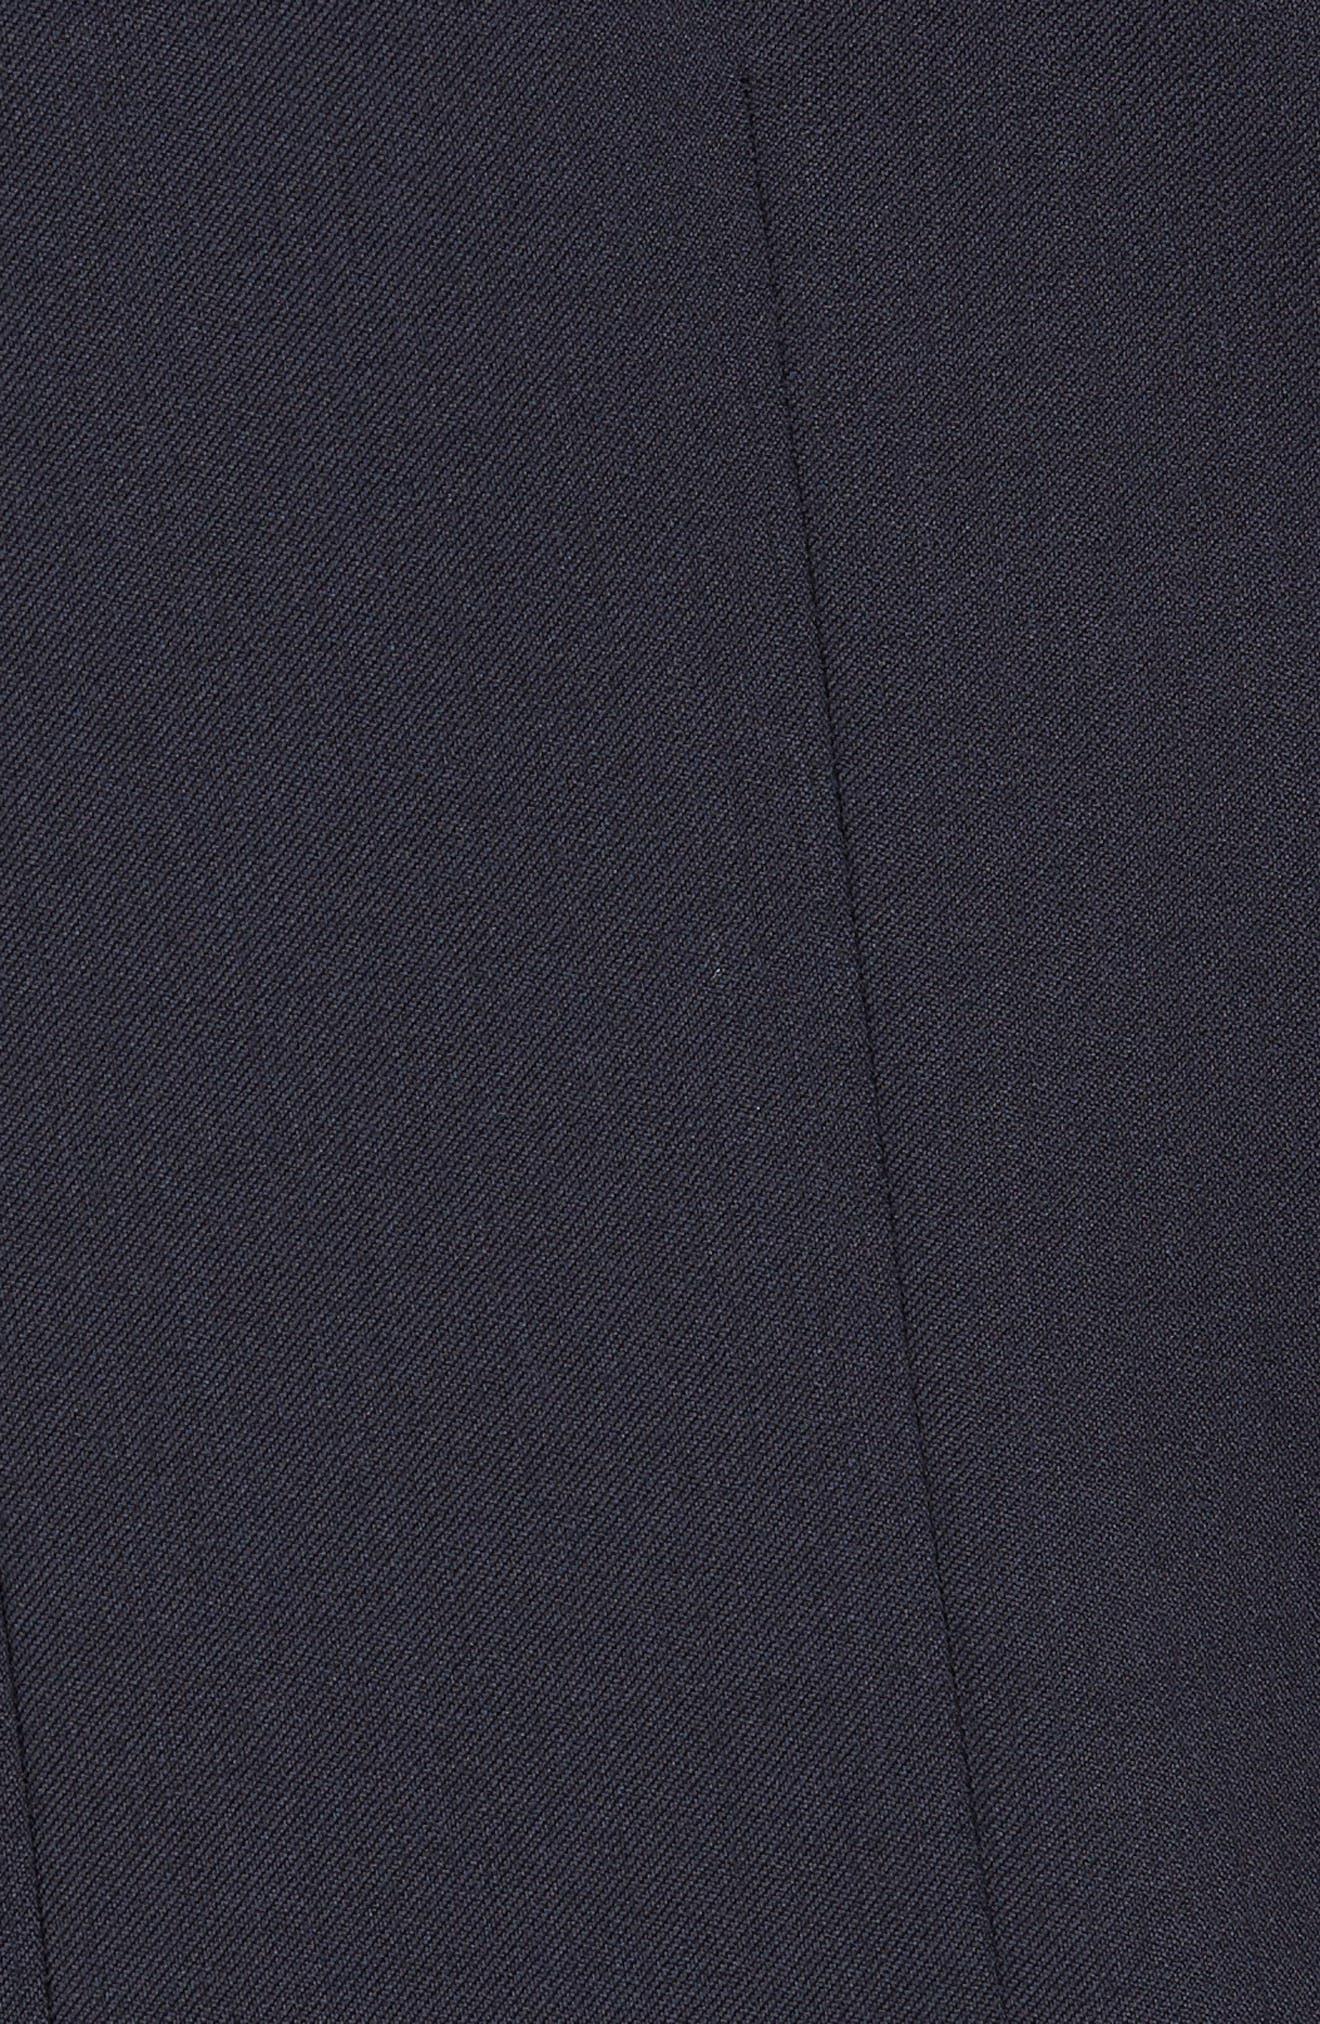 Wilson CYL Trim Fit Vest,                             Alternate thumbnail 5, color,                             Dark Blue